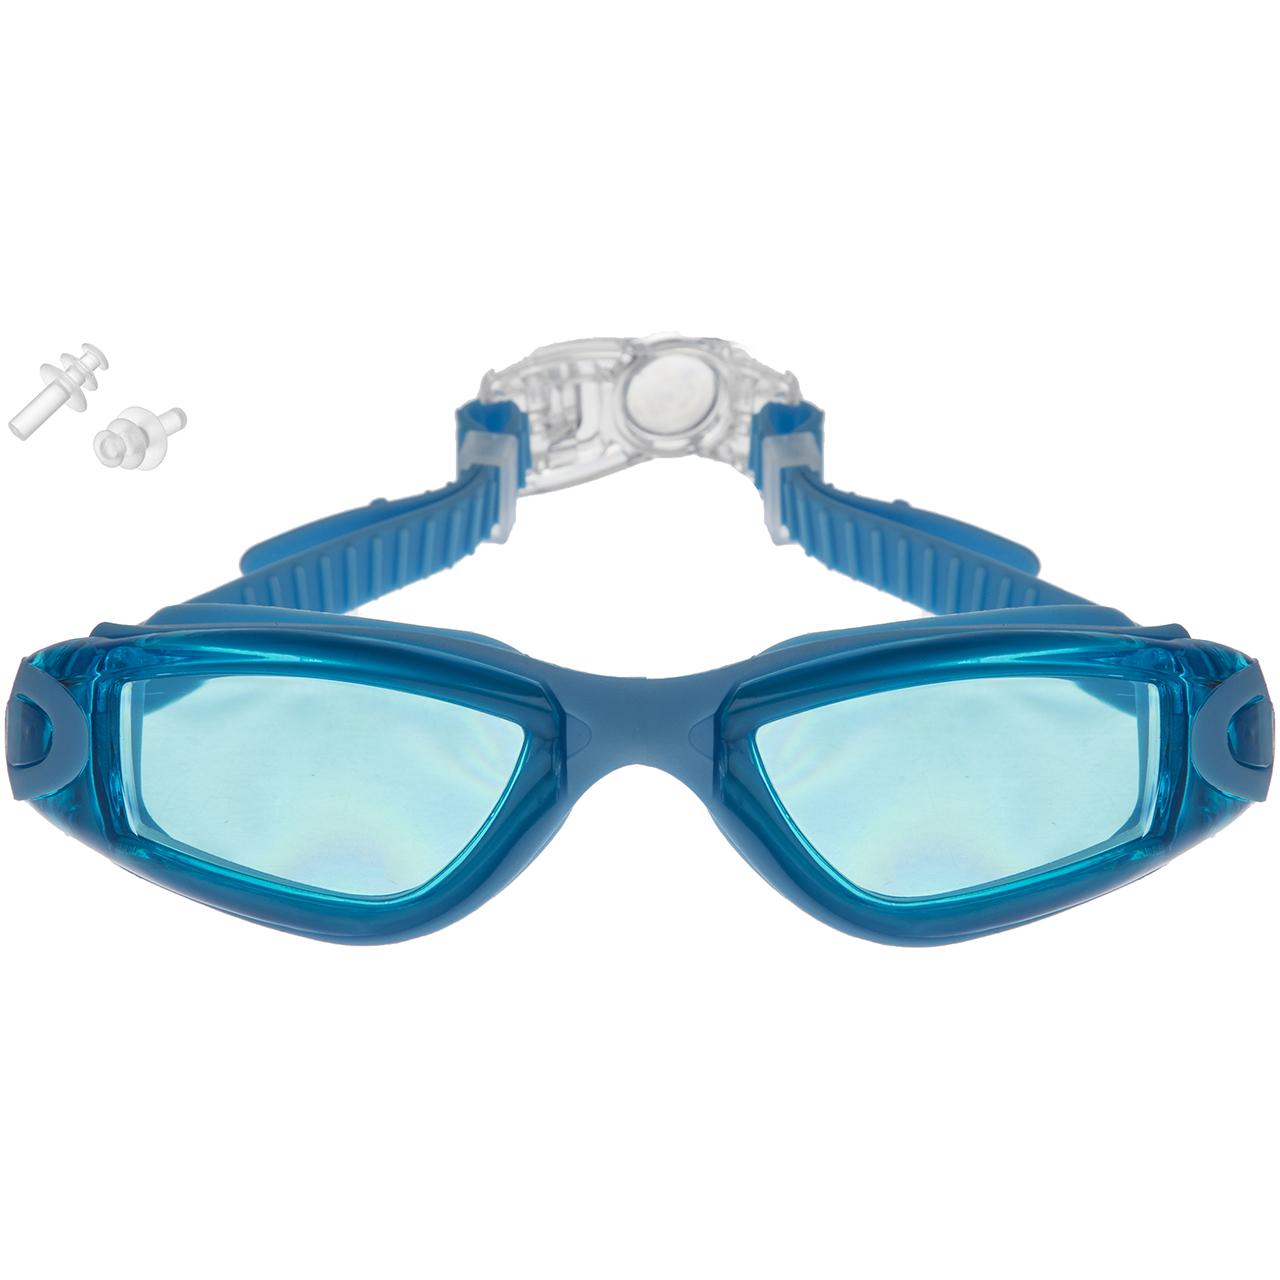 عینک شنا فری شارک مدل YG-3100-2